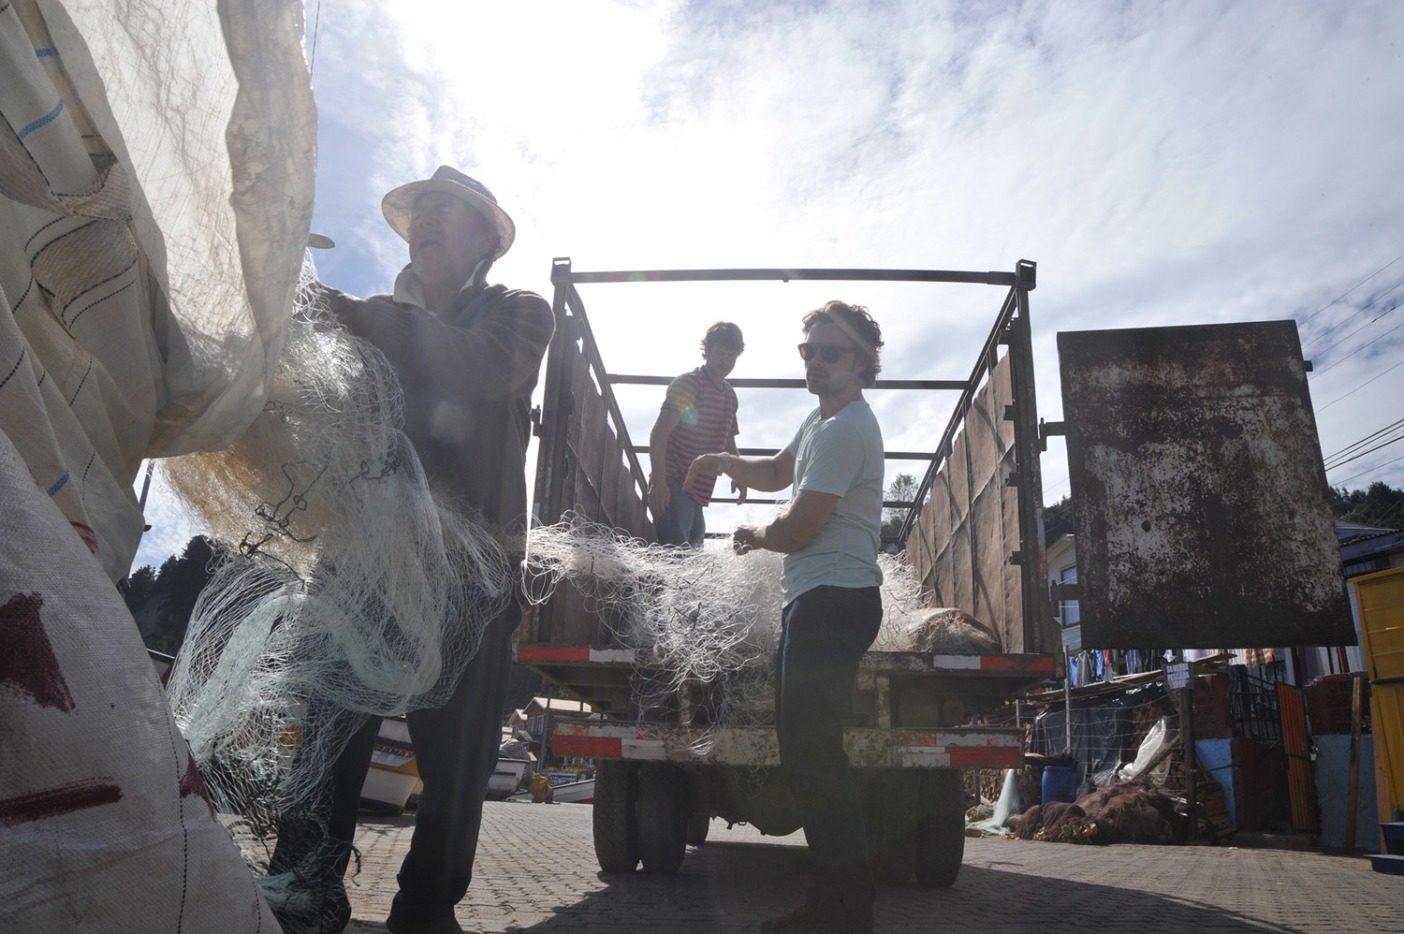 太平洋ゴミベルトはハワイとカリフォルニアのあいだのどこかに存在し、最低8万7千トンのプラスチックが含まれていると推定されている。このプラスチックのうち46%は廃棄された漁網である。南米の追跡可能なサプライチェーンを通して捨てられた漁網を収集し、スケートボード、サングラス、サーフボードのフィンなどの素材にリサイクルしているのは、カリフォルニア州ベンチュラを拠点とするブレオ。写真:ブレオ提供